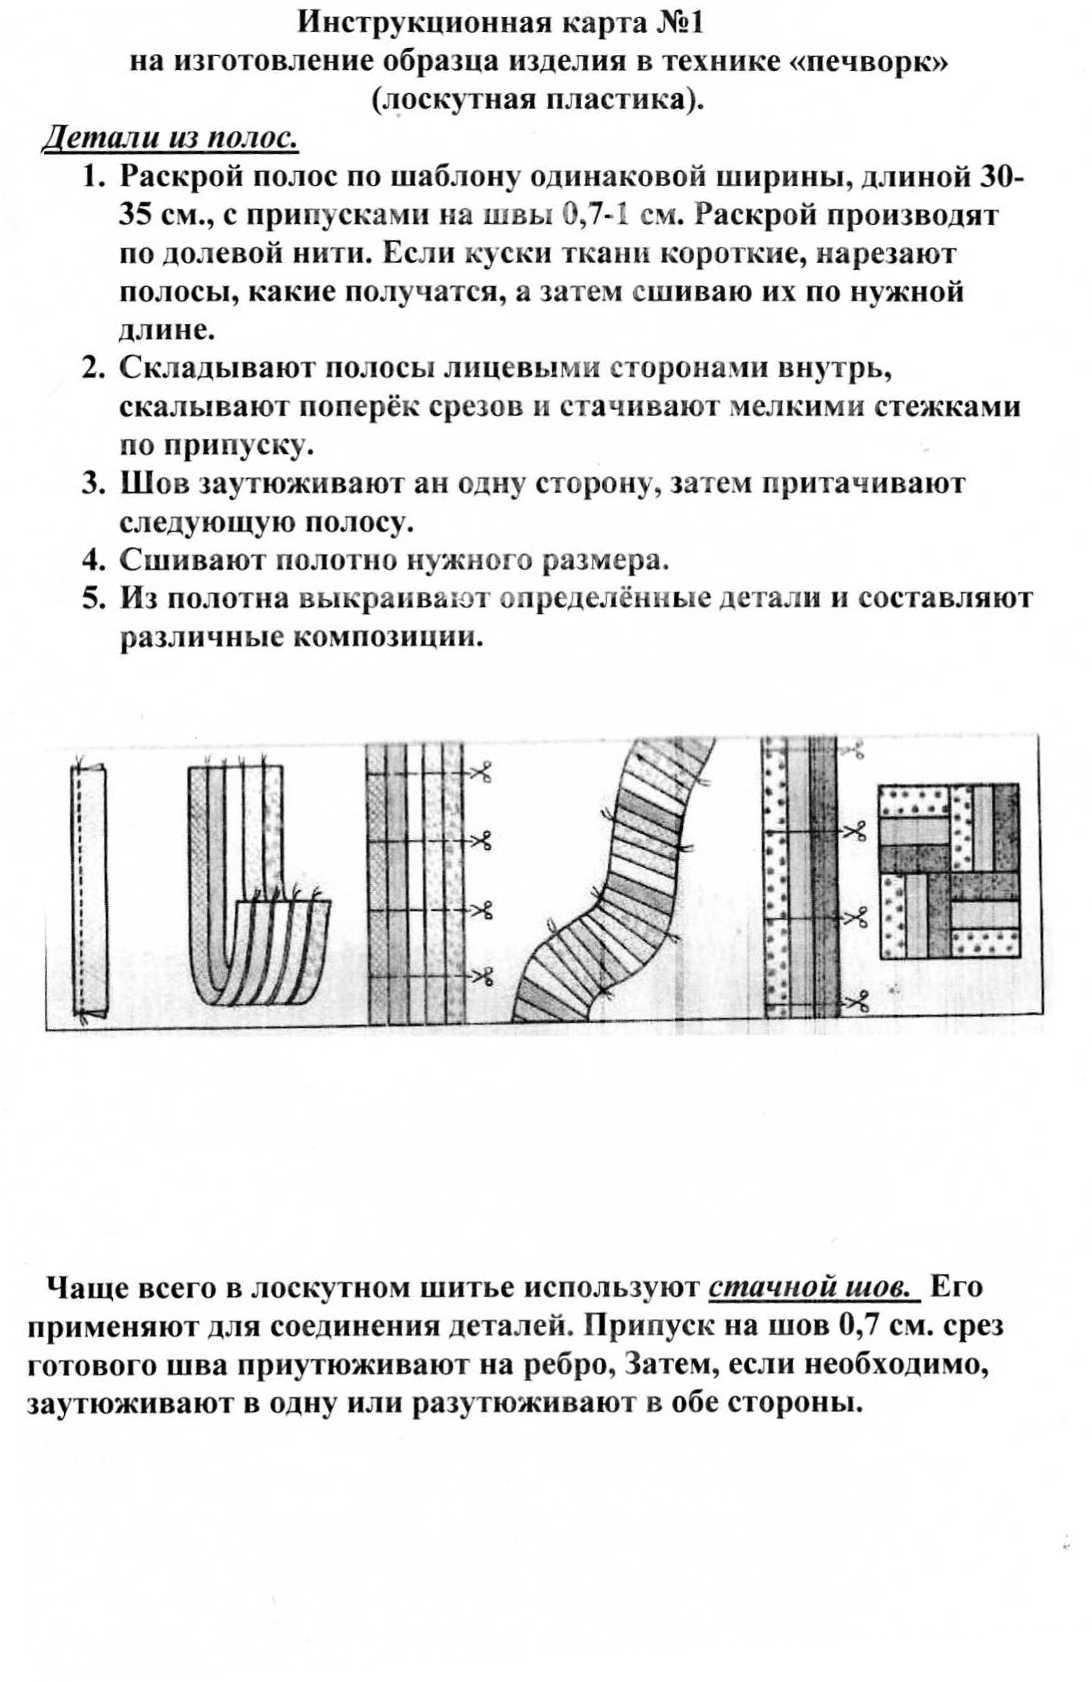 F:\швейный цех\Приложение к уроку\img016.jpg